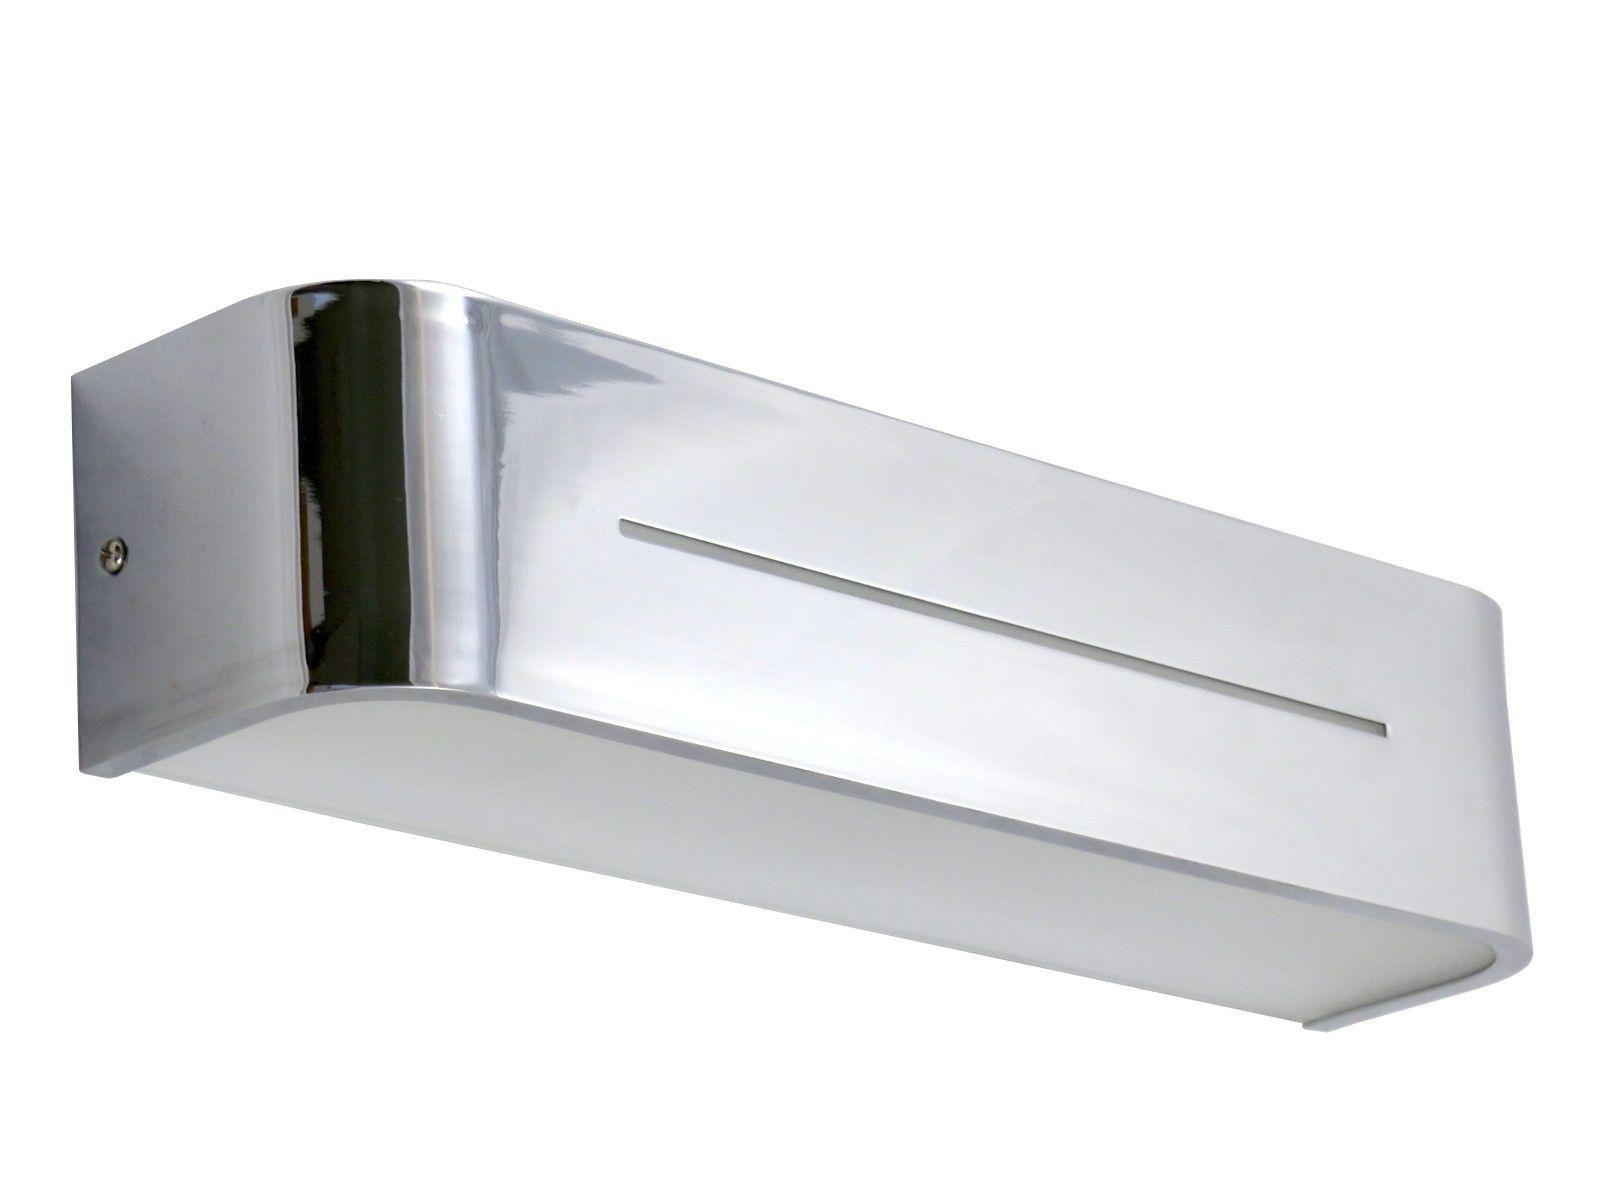 Applique moderno in alluminio cromato luci e max w cadauna